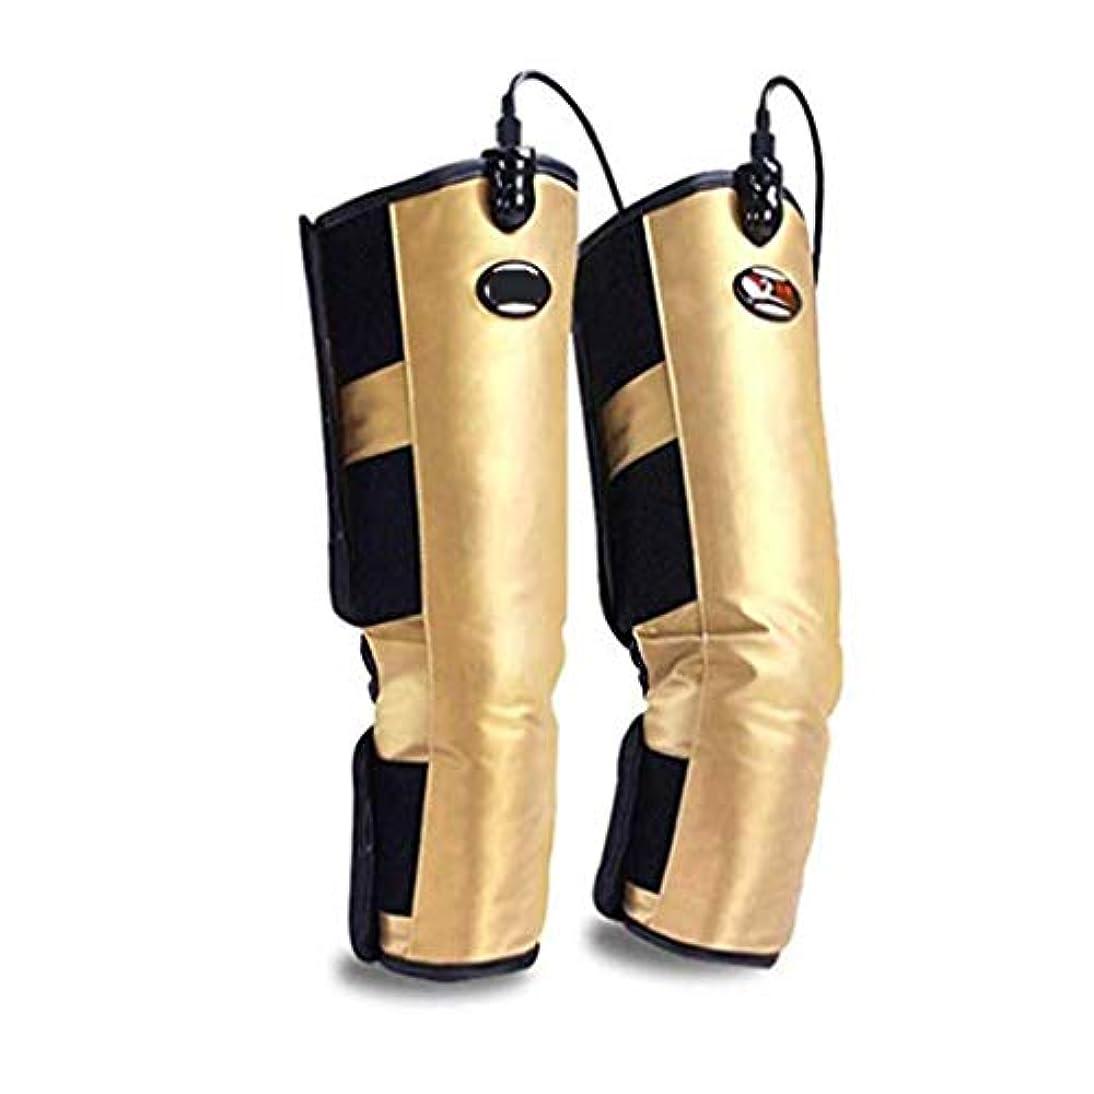 怖いラベル暴行膝レギンス用電気加熱パッド、膝ブレースラップサポート、脚循環用、膝捻挫痙攣関節炎の痛み